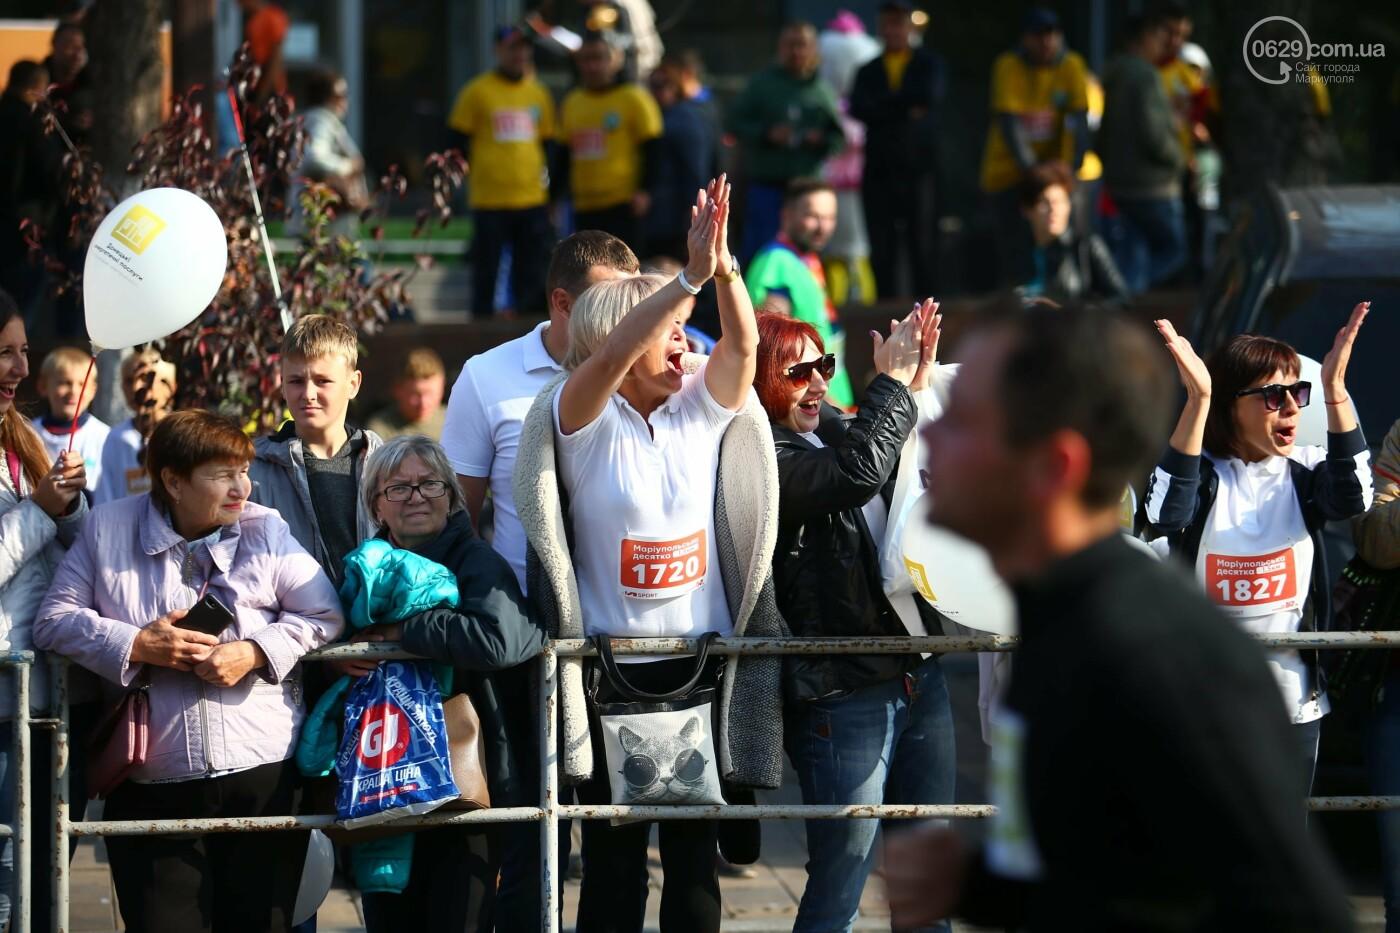 """В Мариуполе стартует массовый забег """"Мариупольская десятка"""" (ФОТООТЧЕТ), фото-54"""